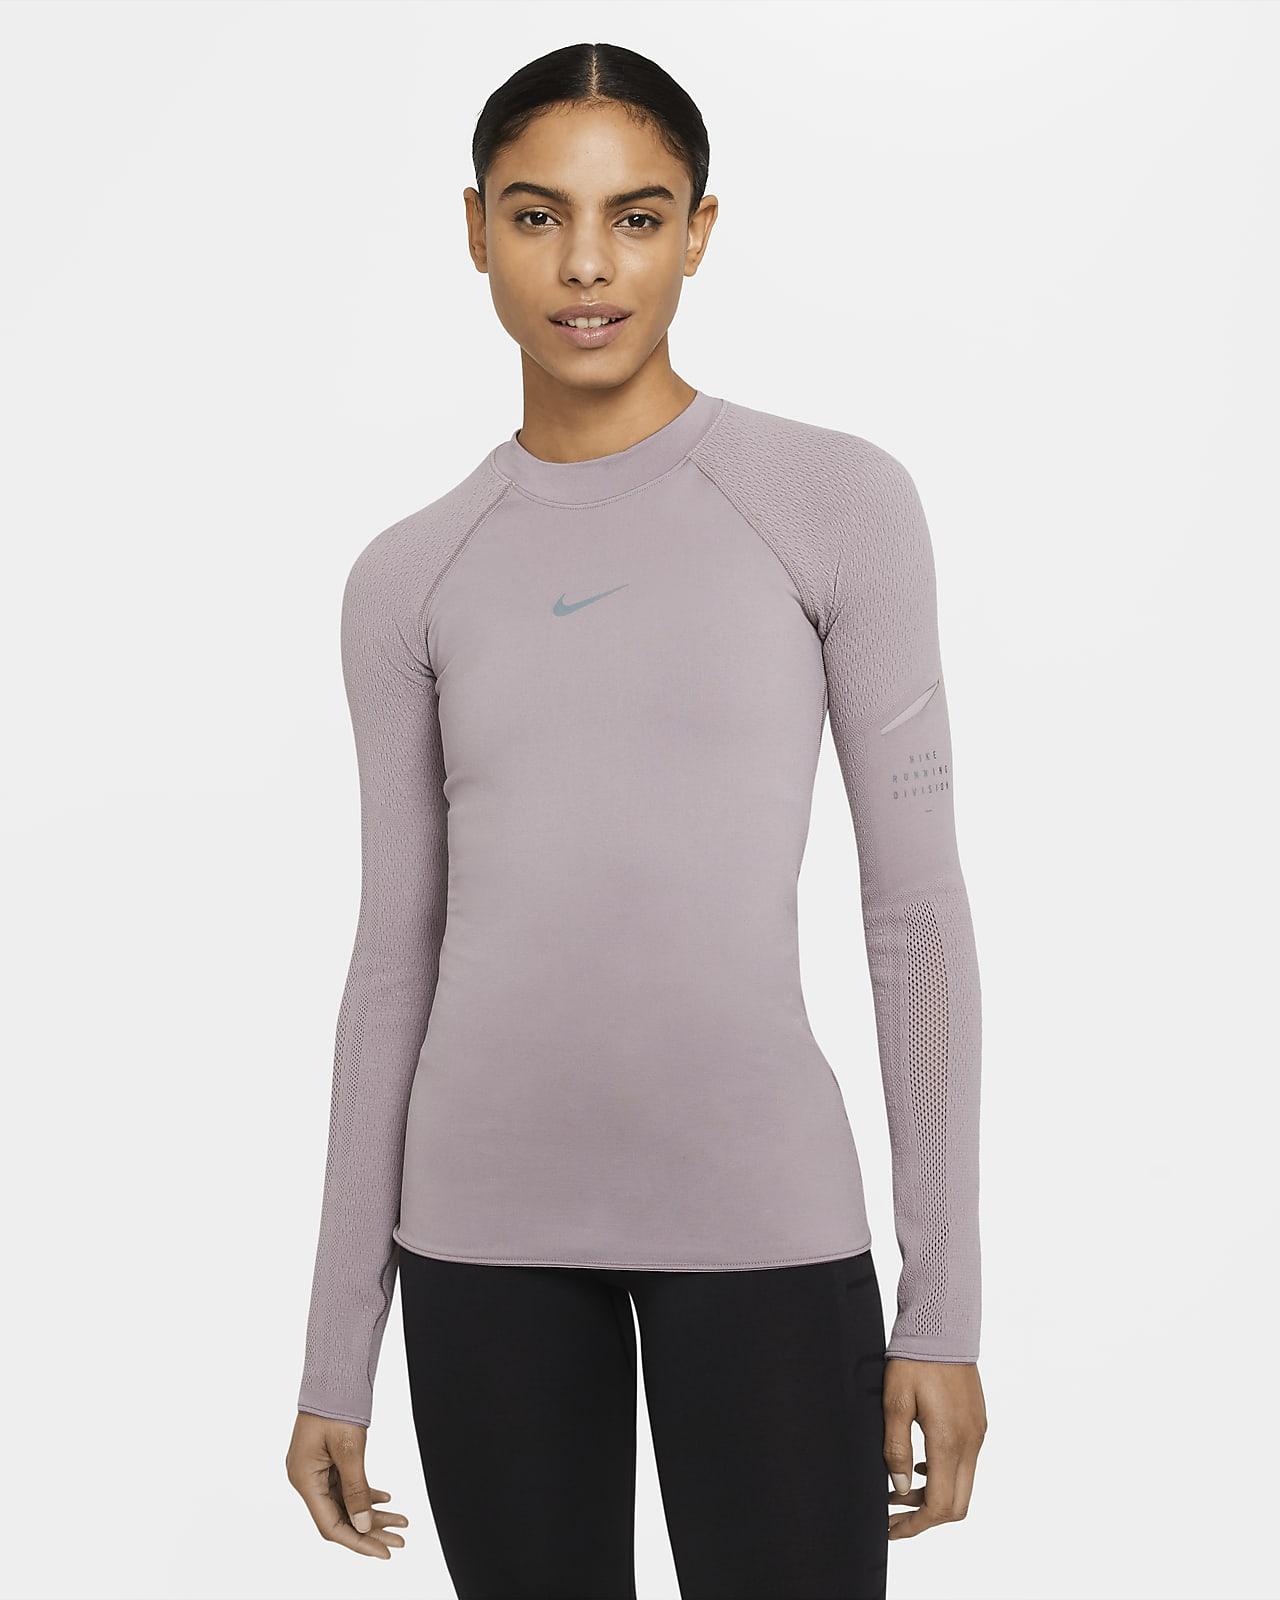 Nike Run Division Engineered Strick-Laufoberteil für Damen